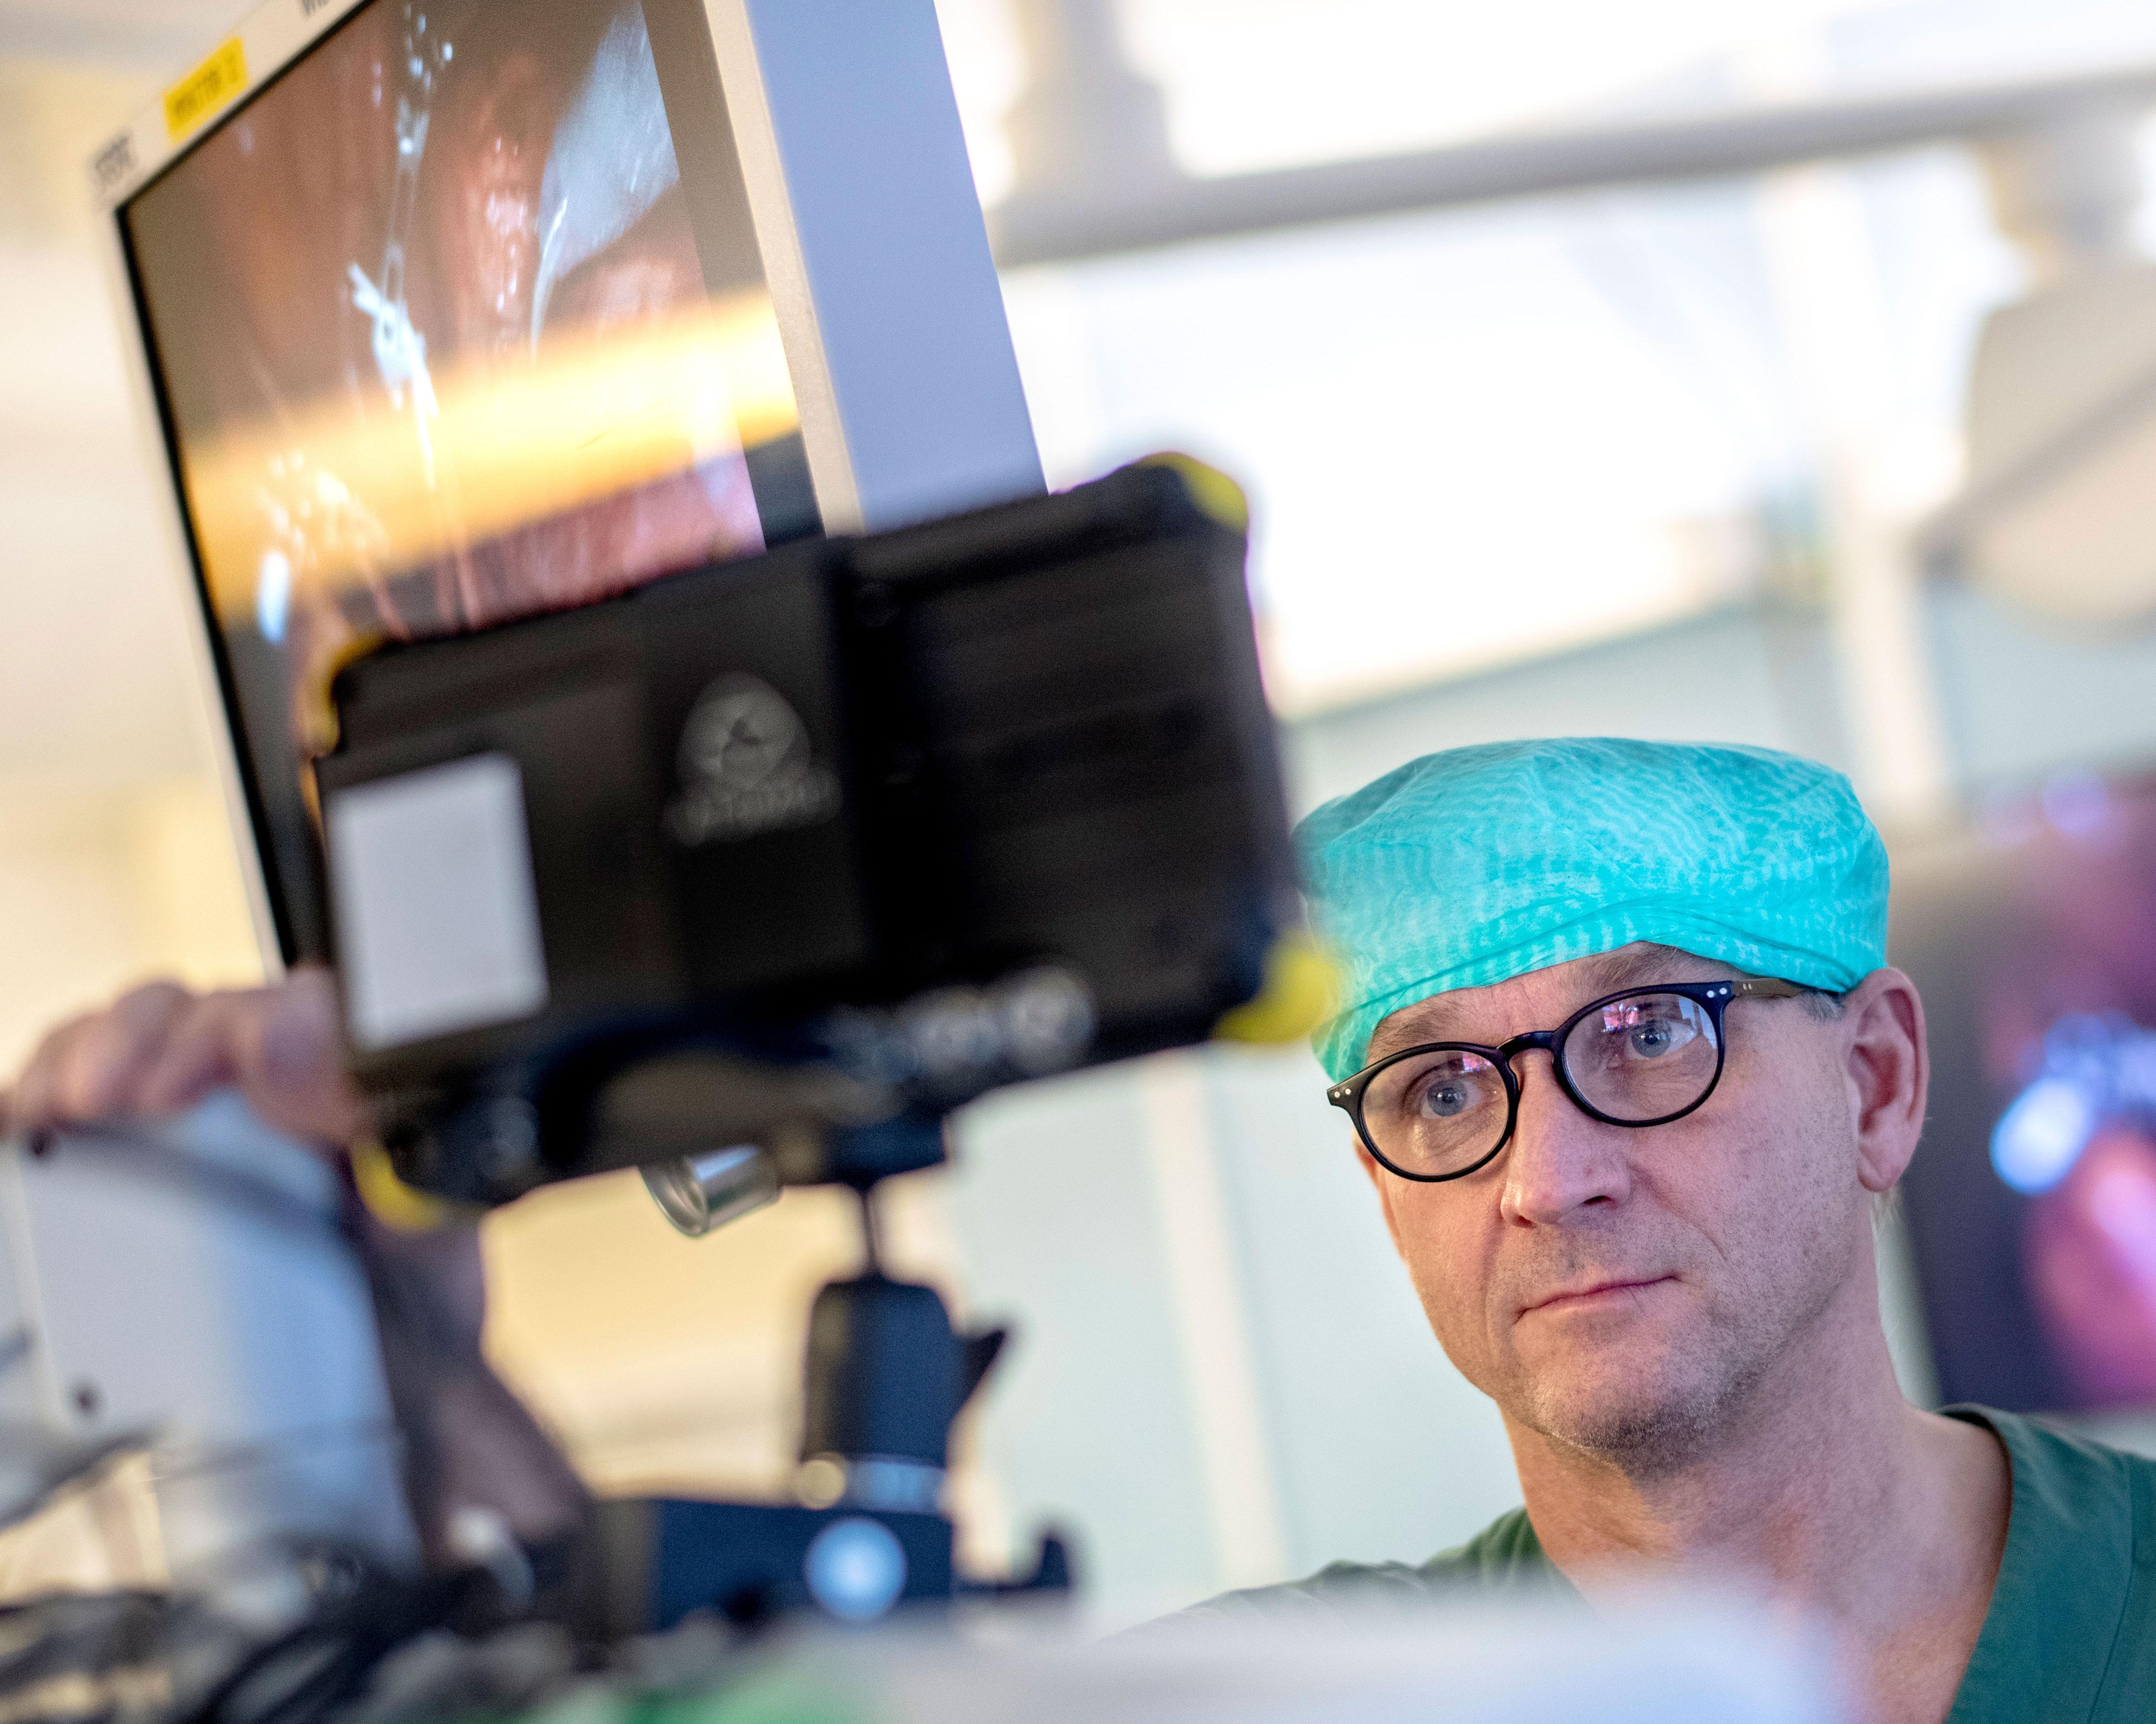 Роботизированная хирургия в первую очередь помогает сделать операции с донорами значительно менее инвазивными.